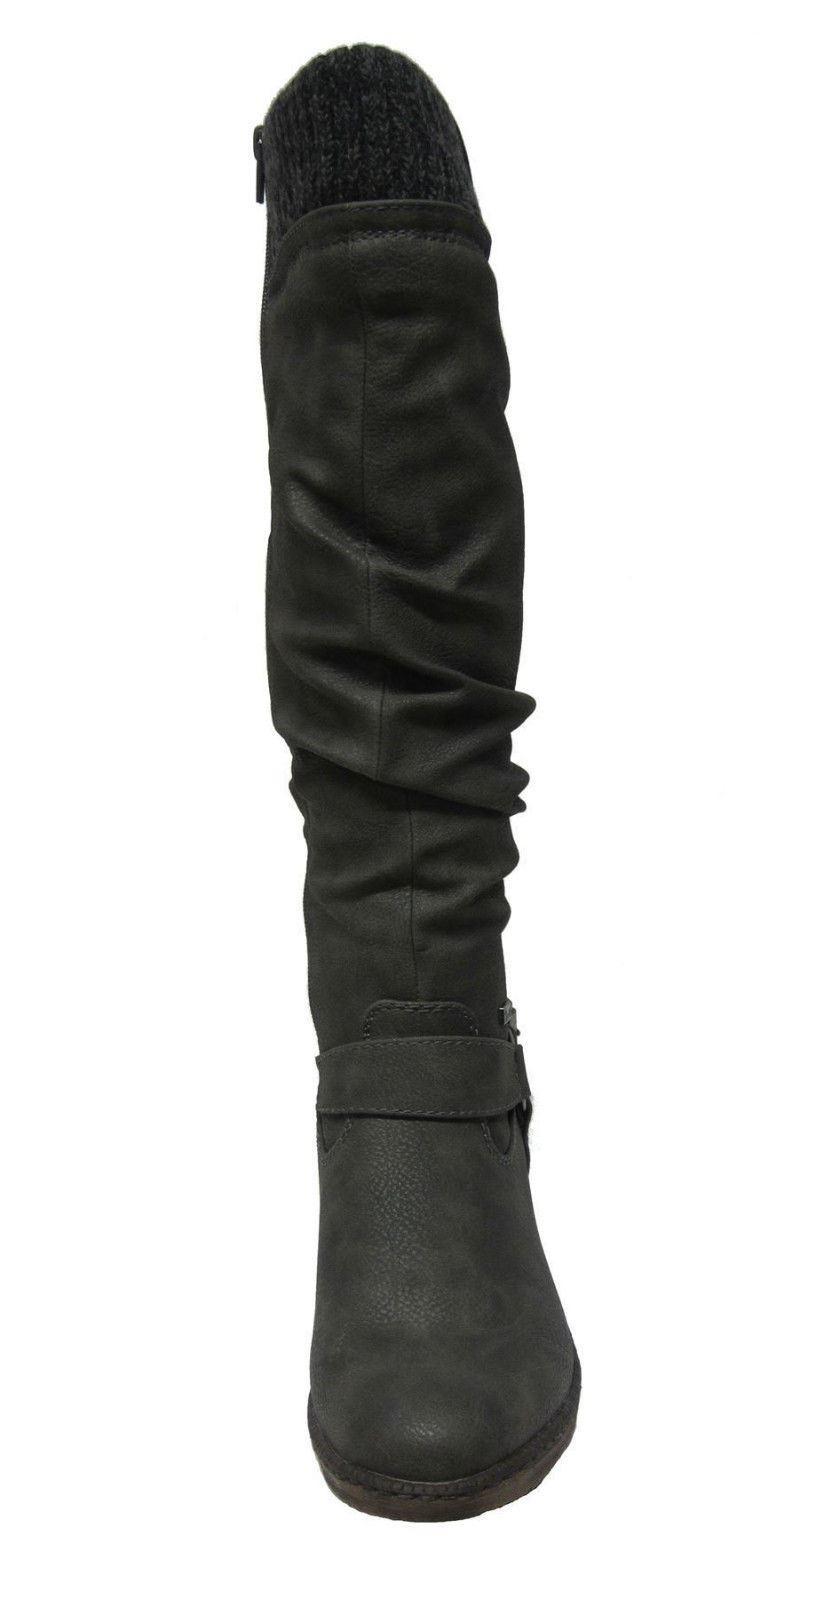 Damas Rieker 93756 Etiqueta Knee High Long Botas De Invierno